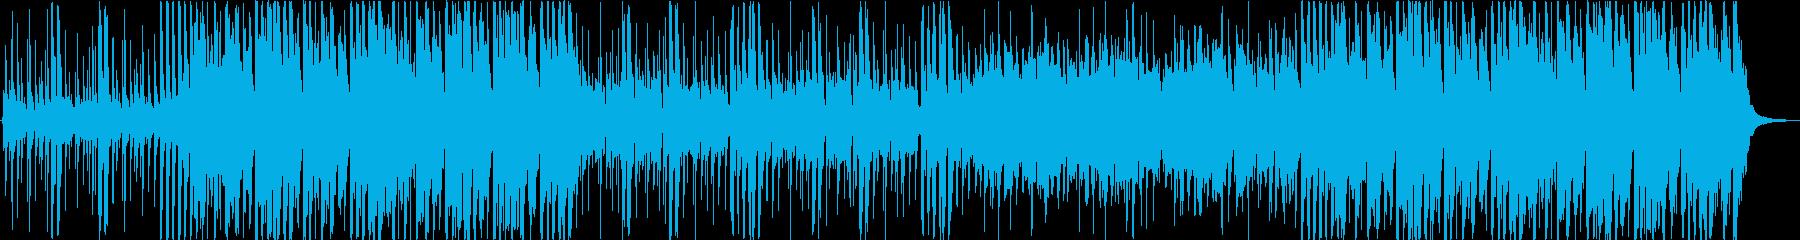 スポットライトギラギラビッグバンドの再生済みの波形